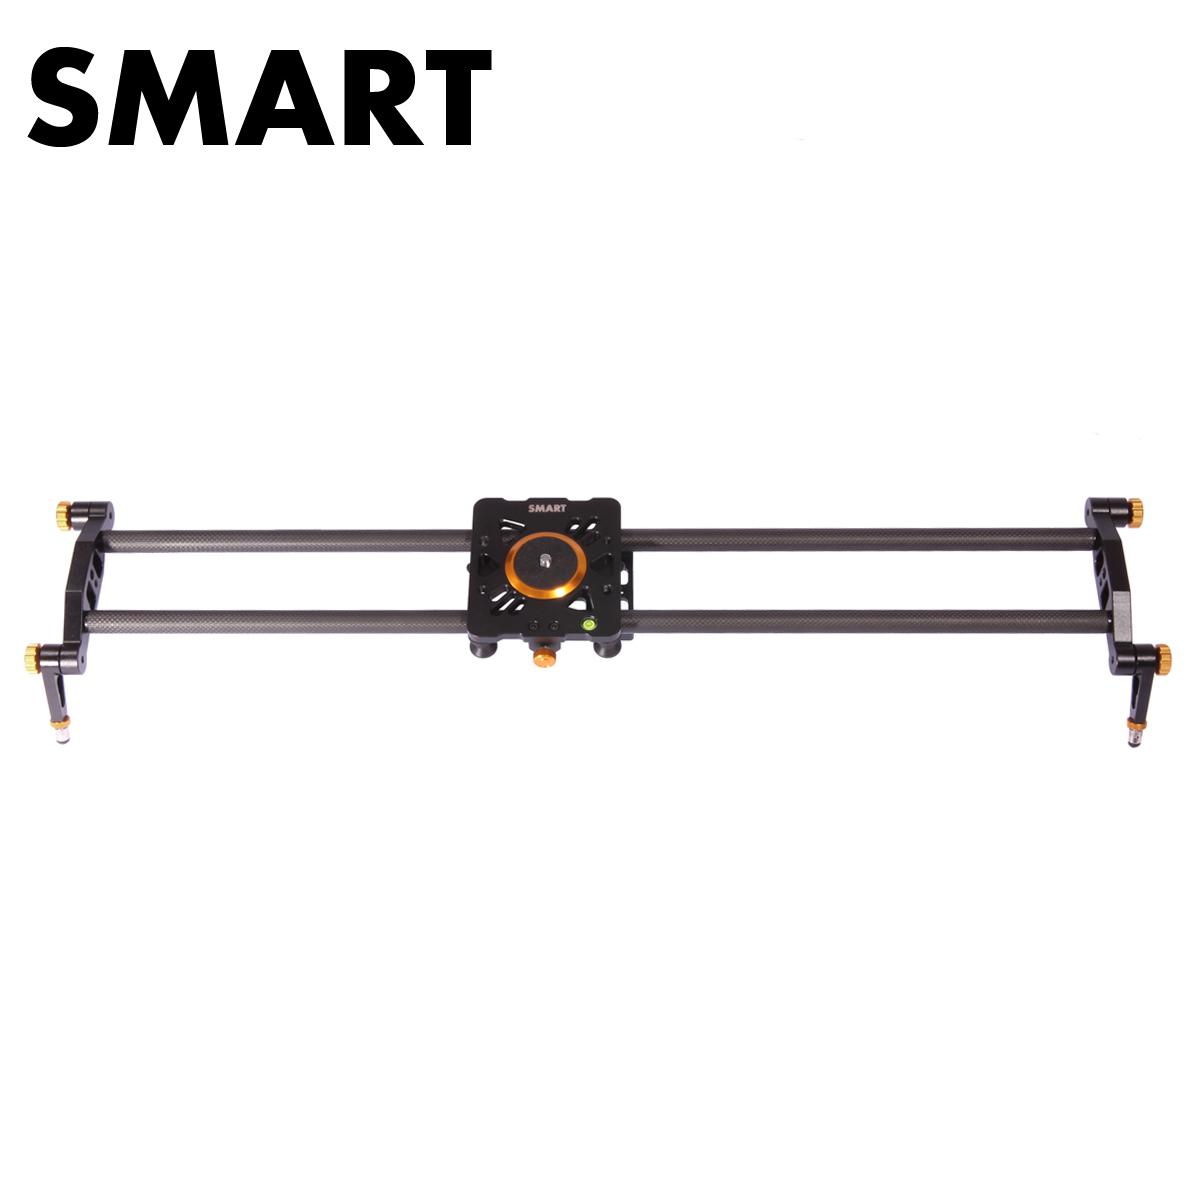 SMART V1-80 Carbon Fiber Slide Dolly (80cm)